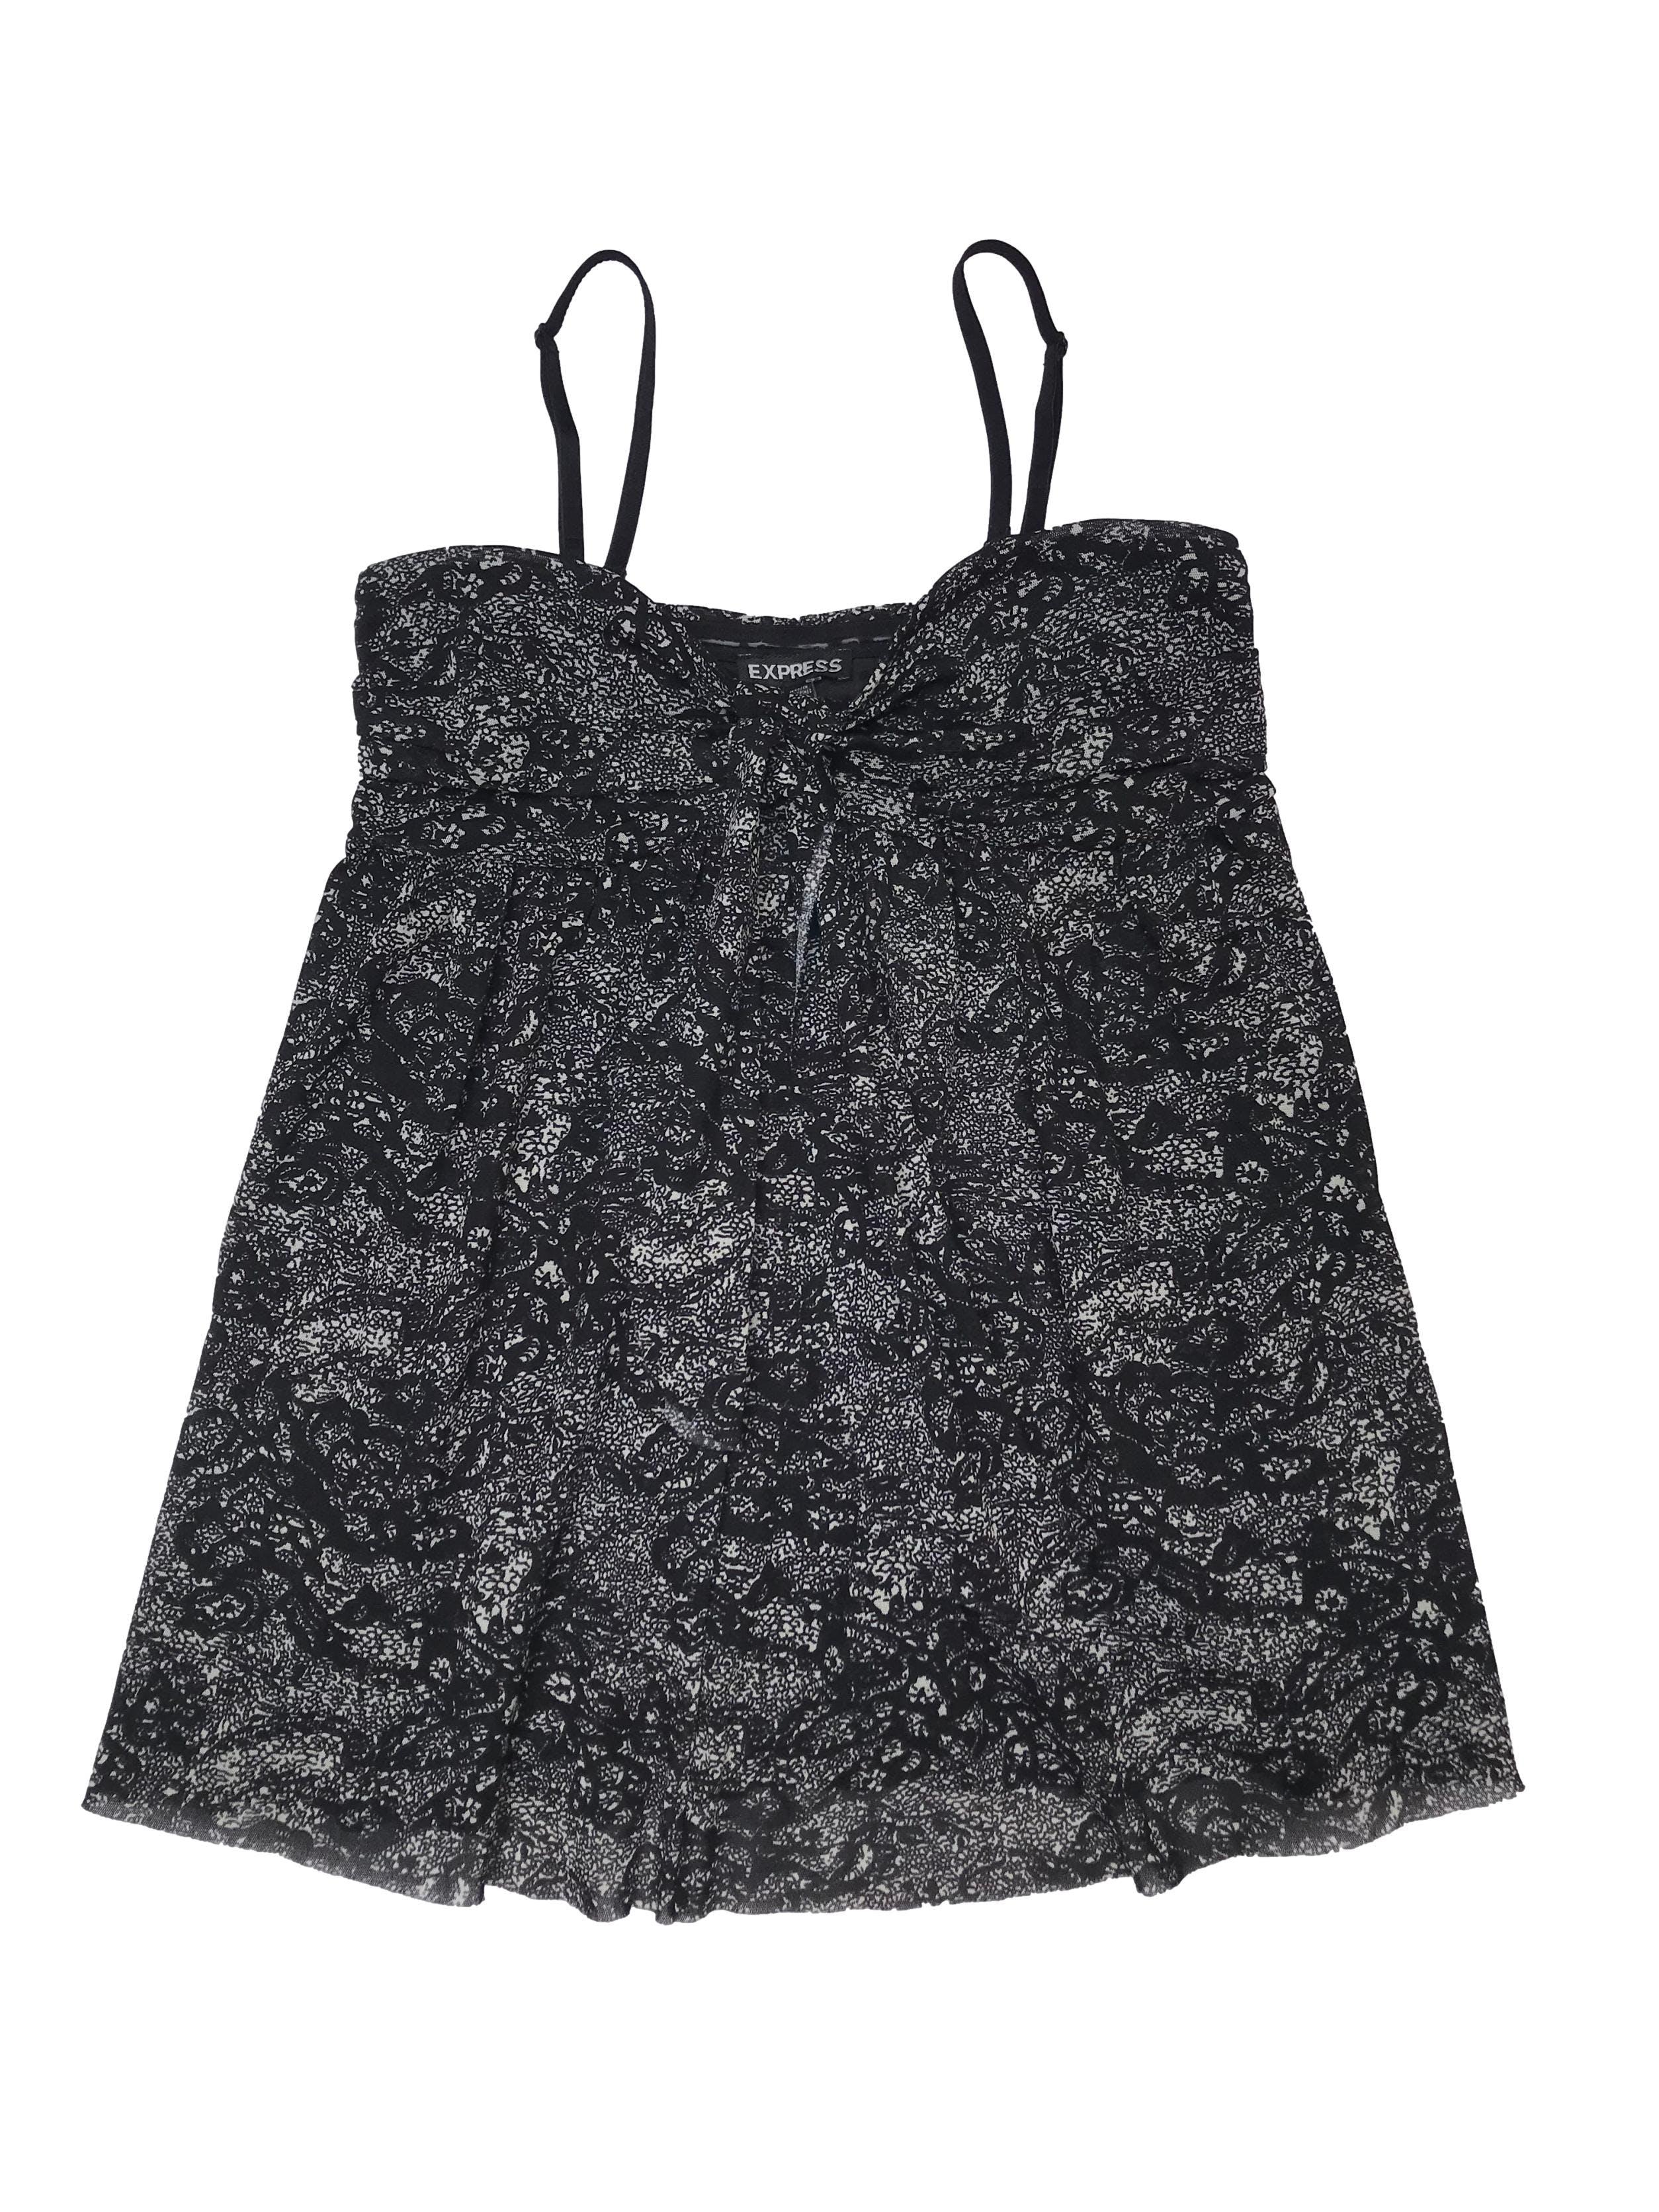 Blusa Express con tiritas removibles, tela tipo tul stretch negro con print crema, lazo en el pecho también removible. Largo desde sisa 50cm